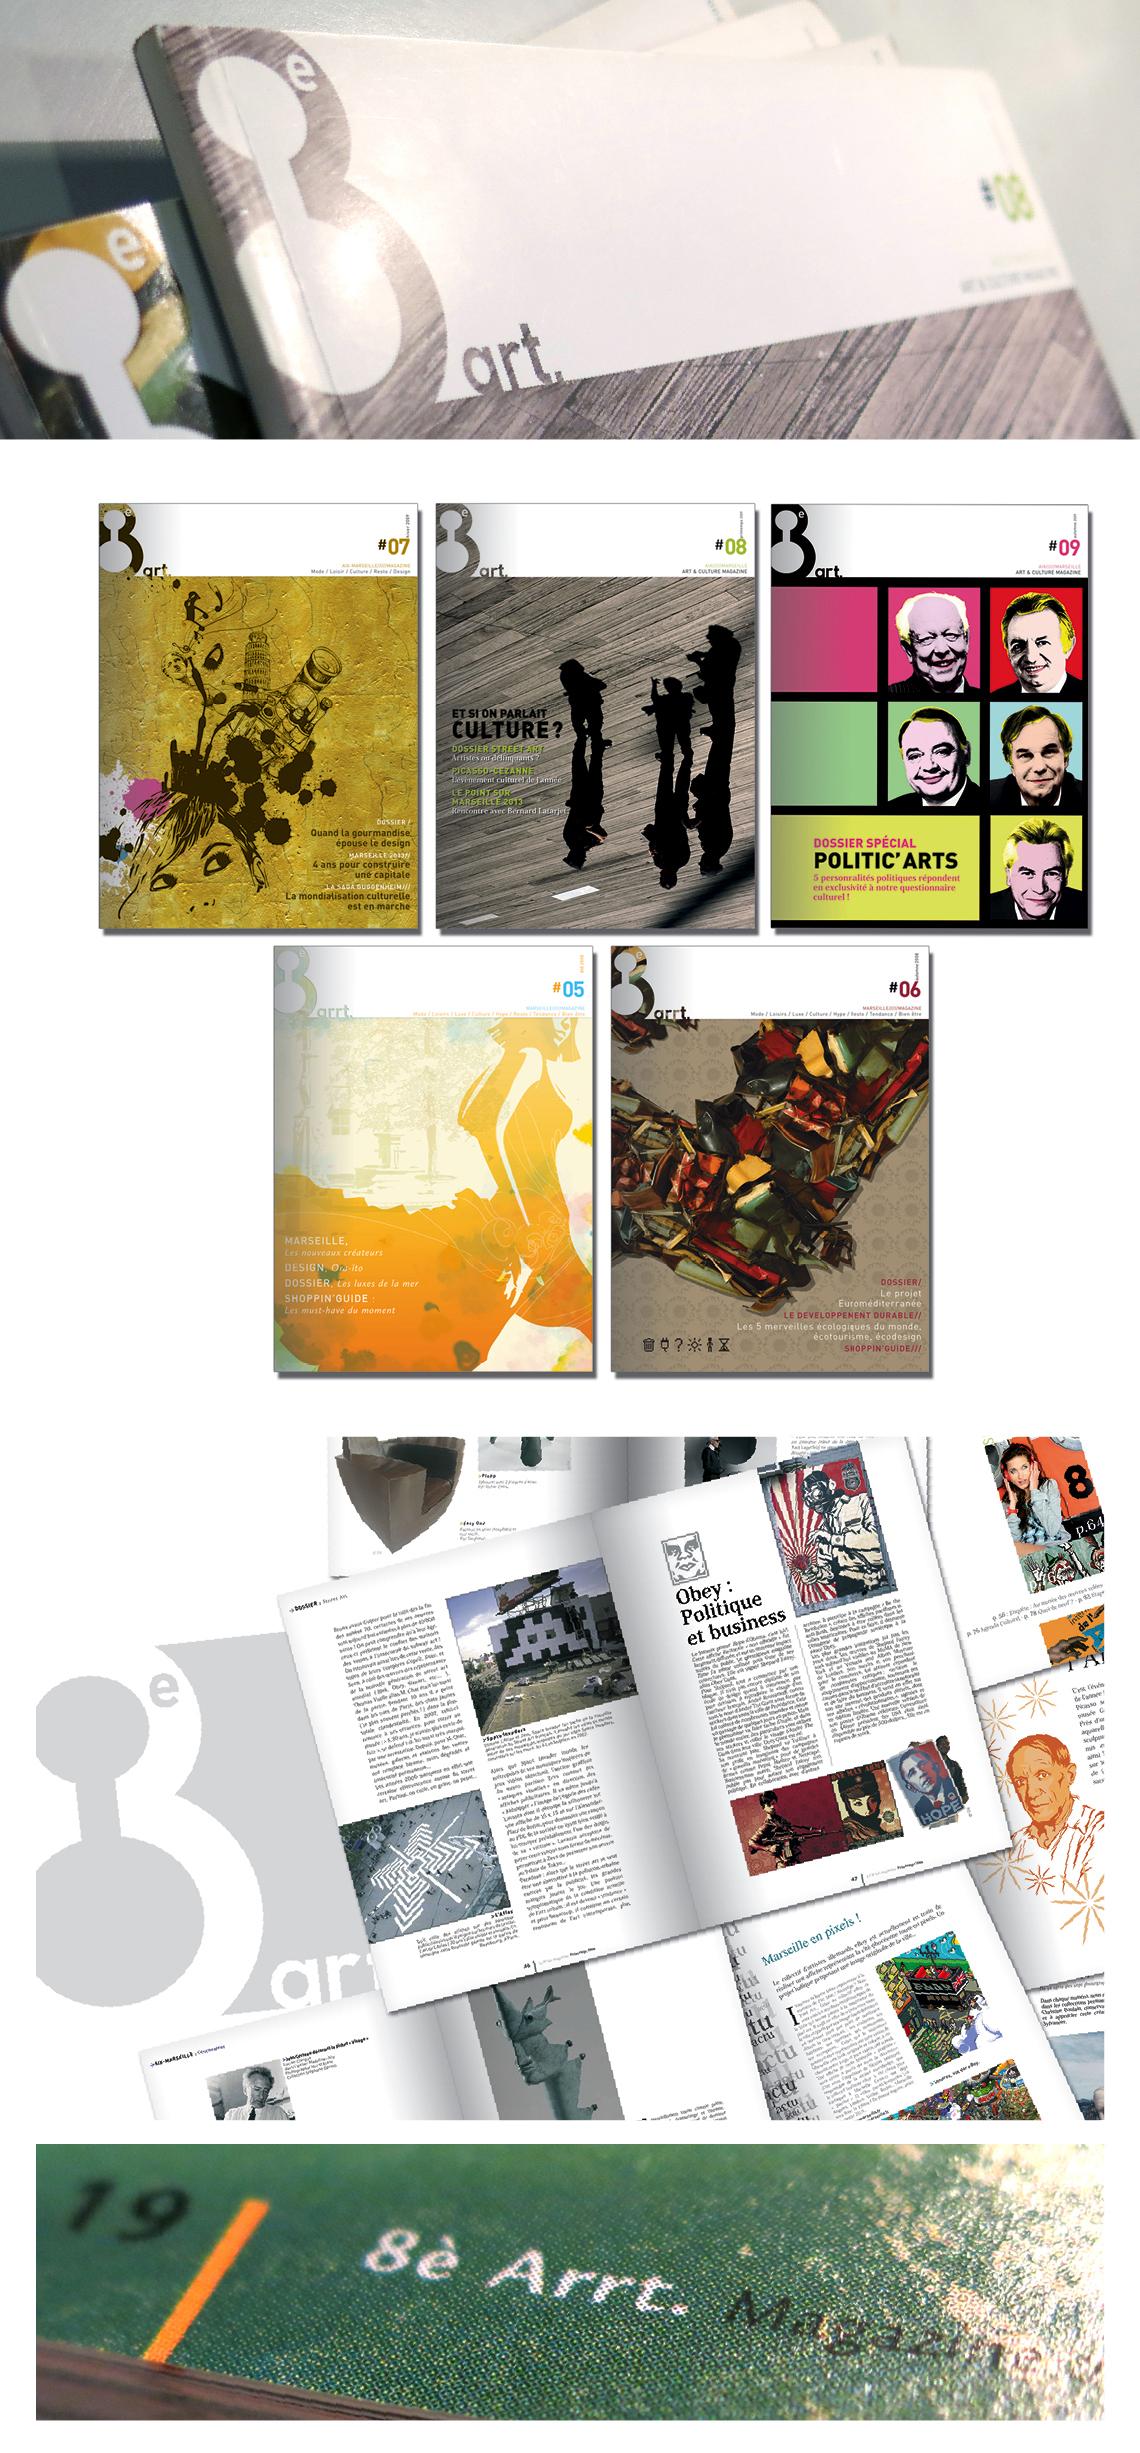 Le 8eme Art magazine